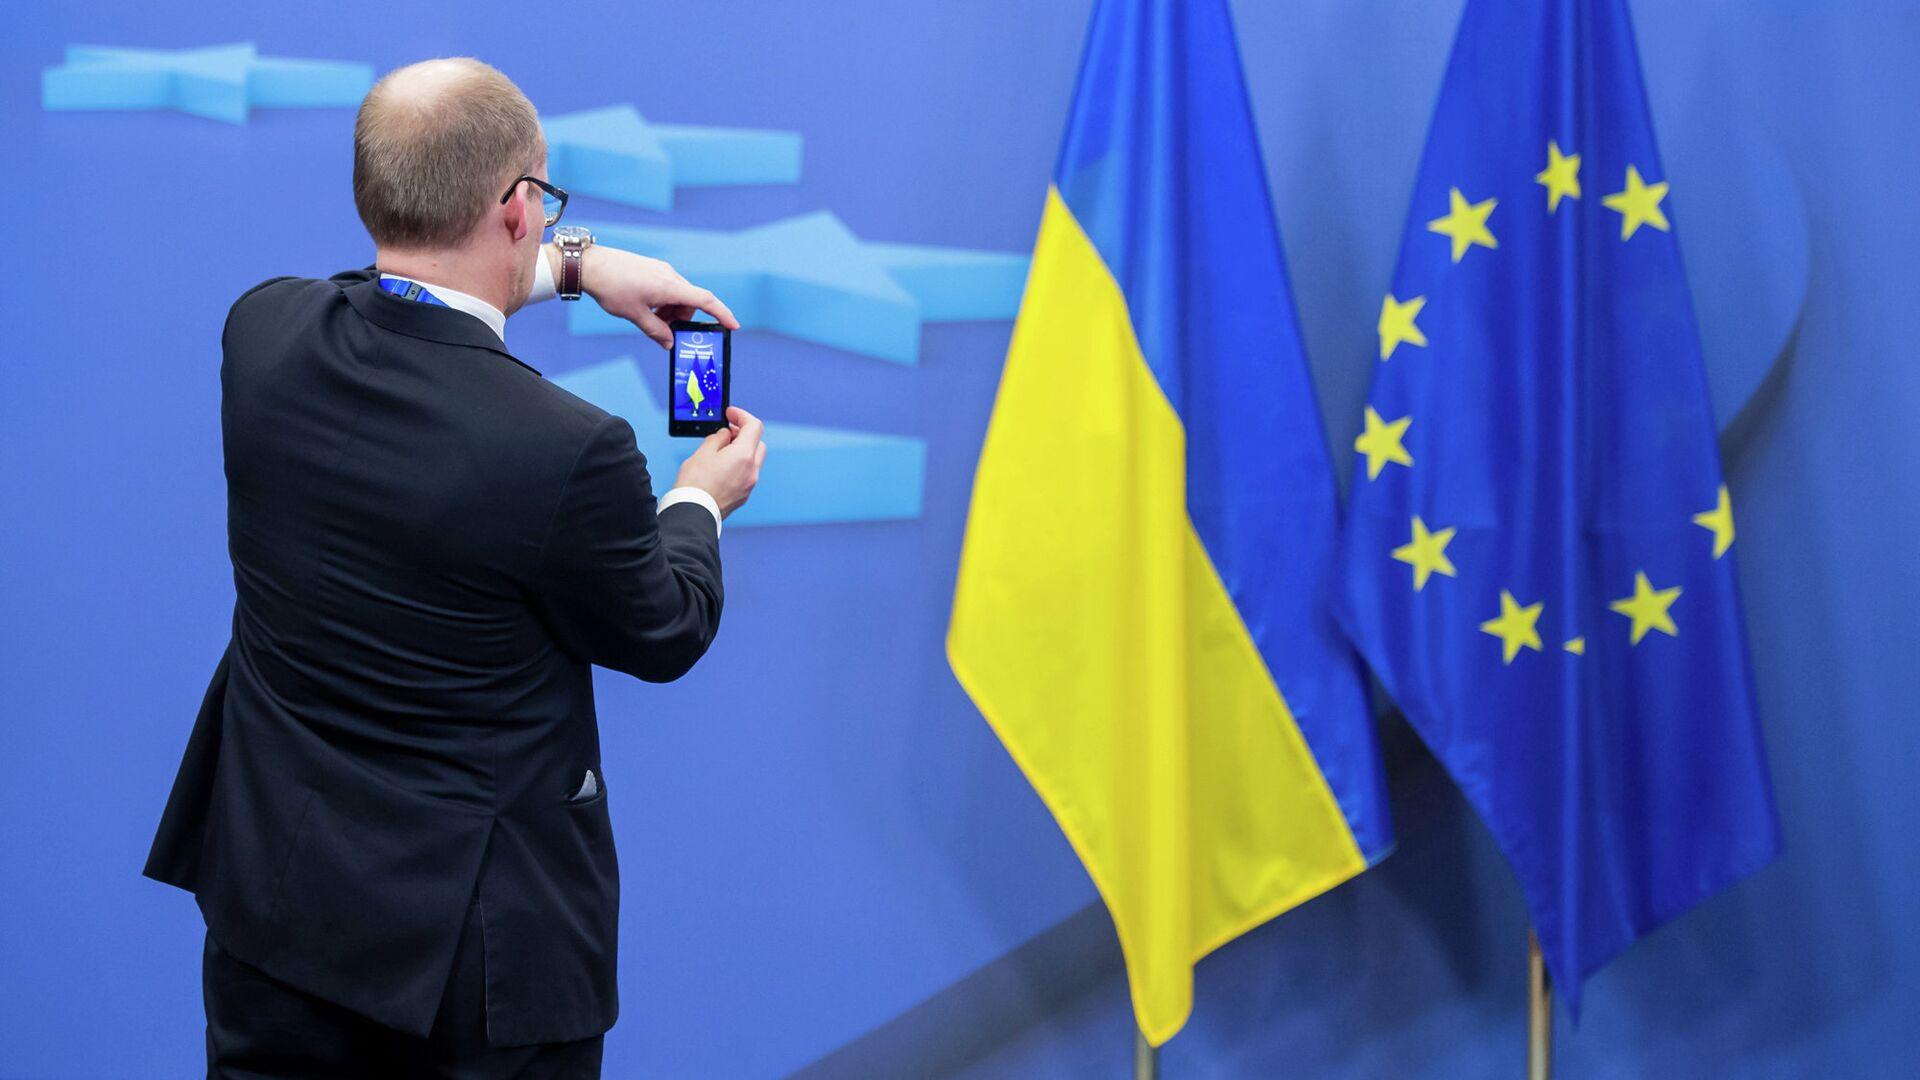 Человек фотографирует флаги Украины и Евросоюза - РИА Новости, 1920, 11.09.2021